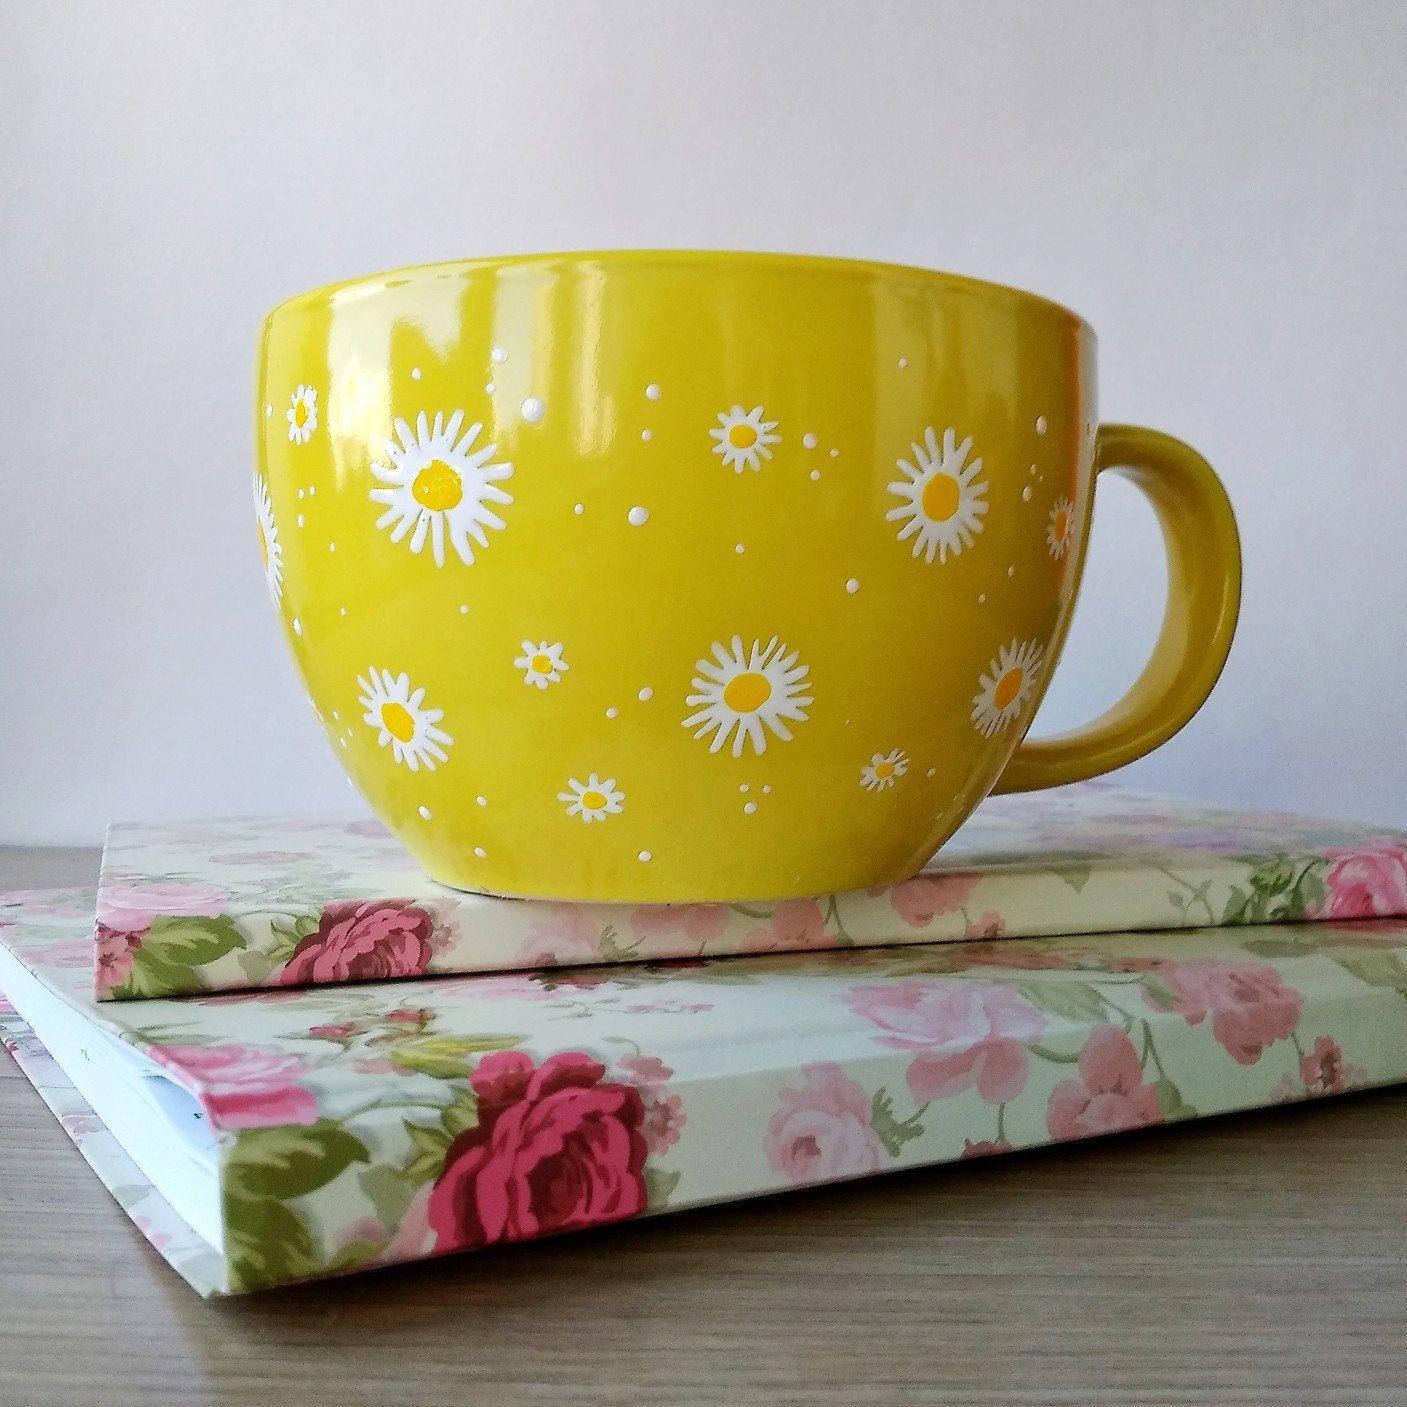 Tasse von Hand dekoriert Emma Bridgewater Kaffeetasse